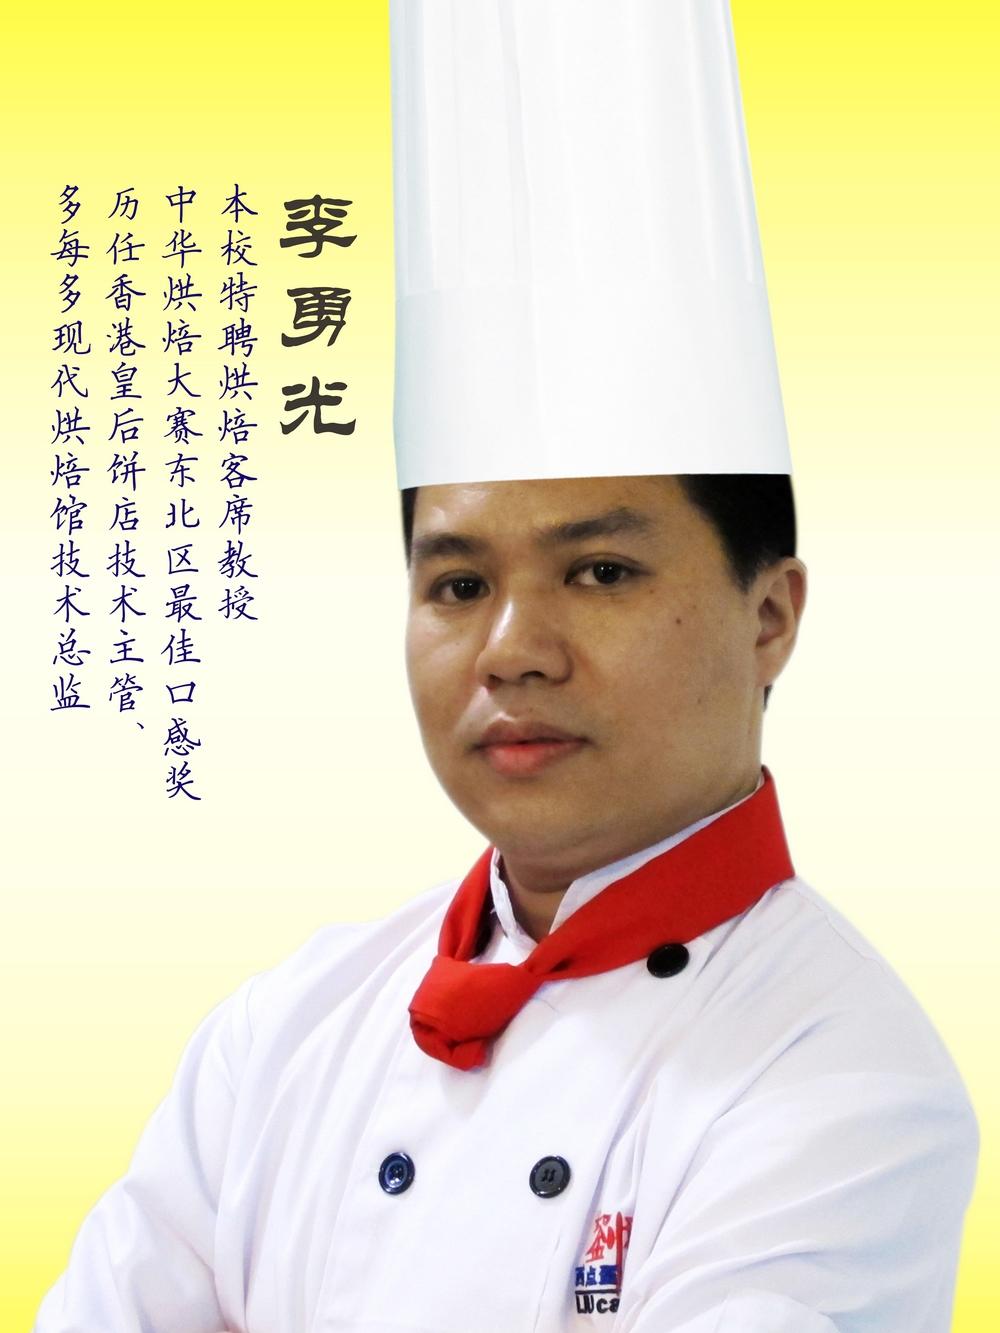 刘科元西点蛋糕烘焙培训学校教导主任李勇光老师